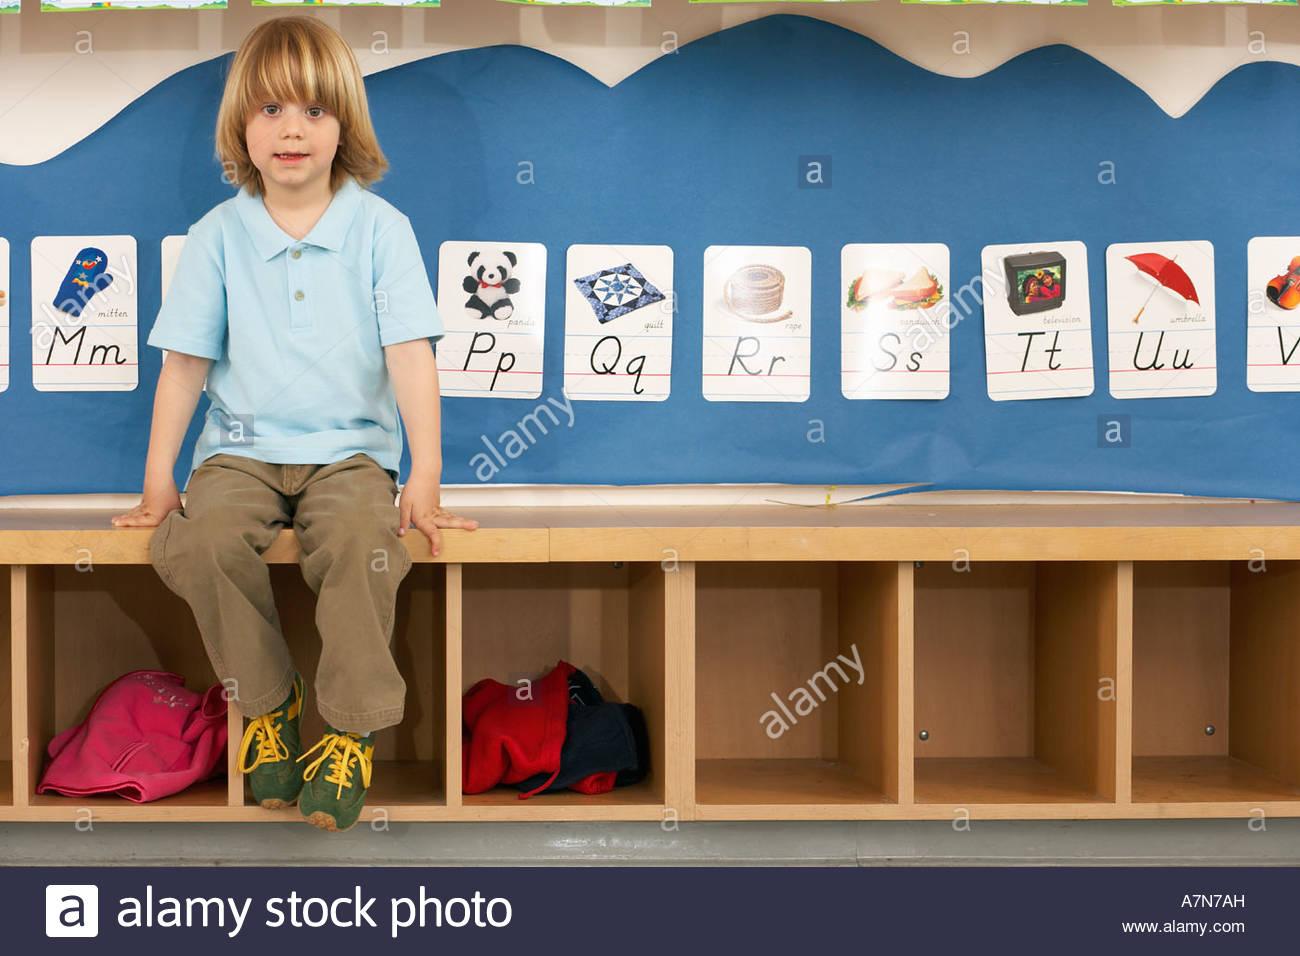 Garçon Blond 46 assis sur un banc en vue de l'avant en classe sur les cartes de l'alphabet portrait Photo Stock